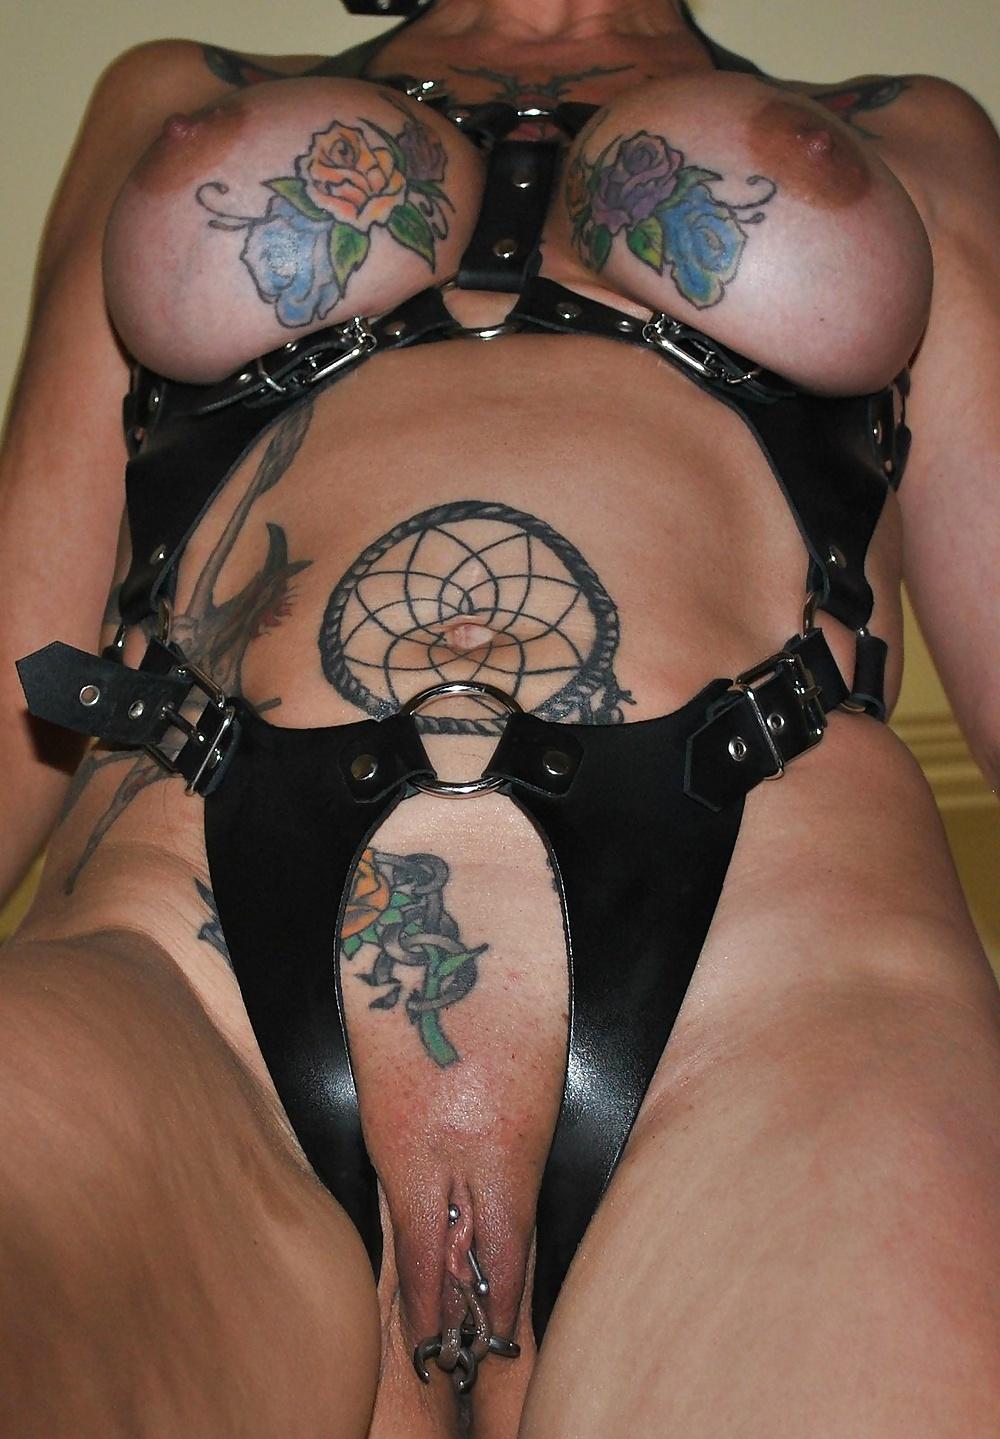 Milf Tattoo